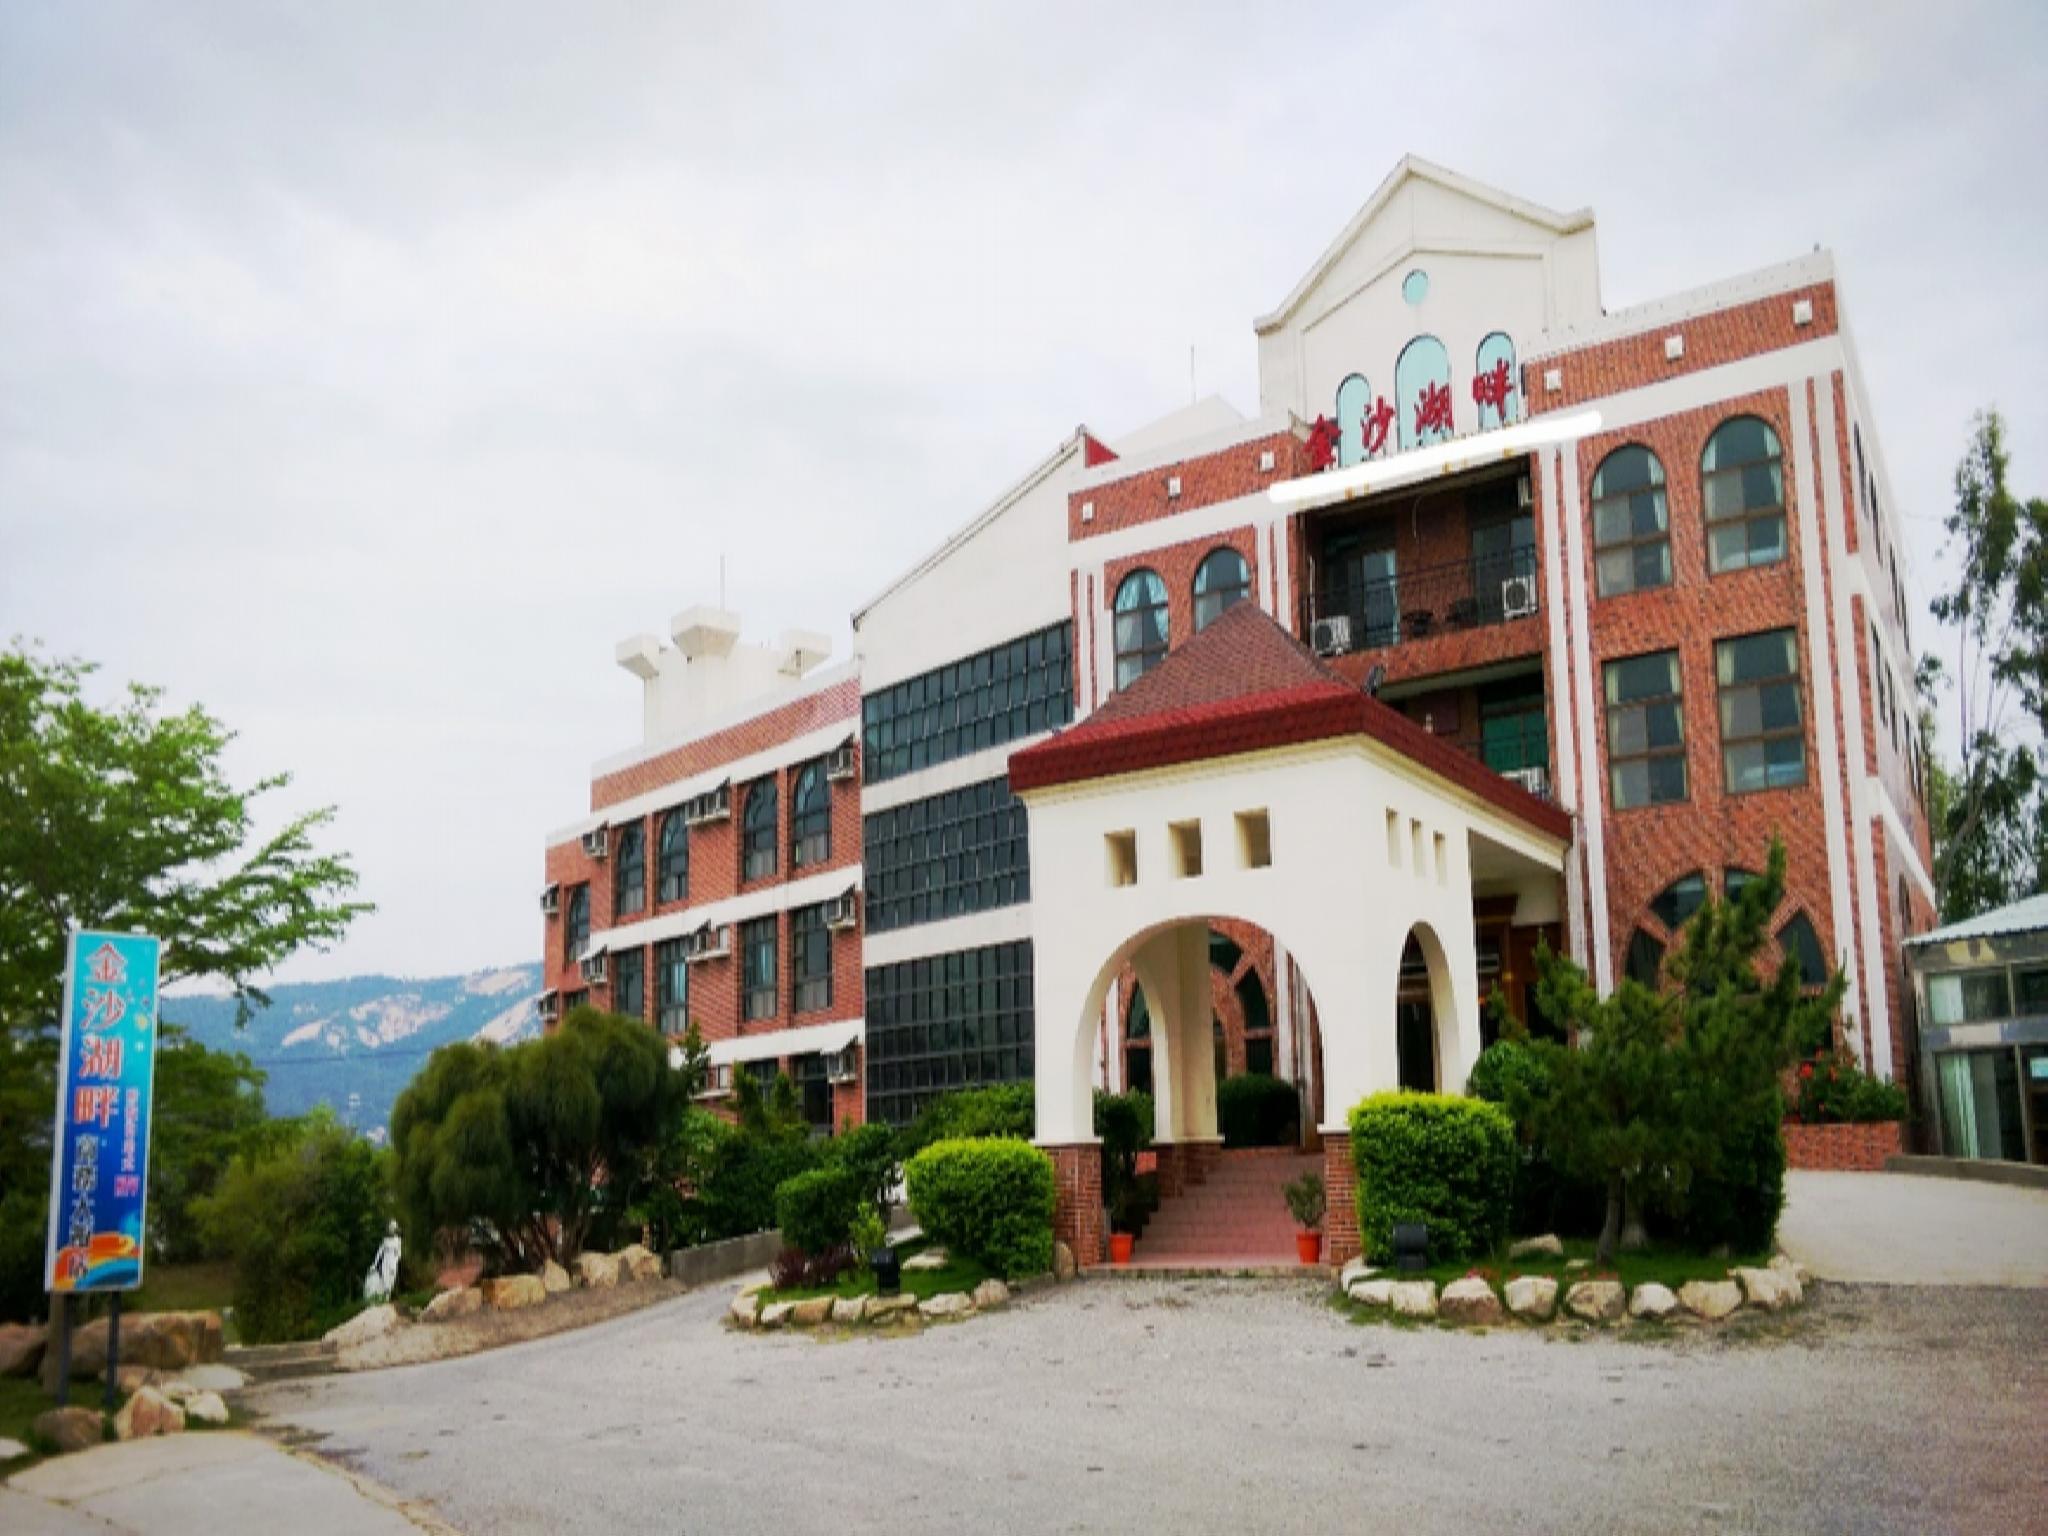 Jinsa Lakeside View Resort, Kinmen